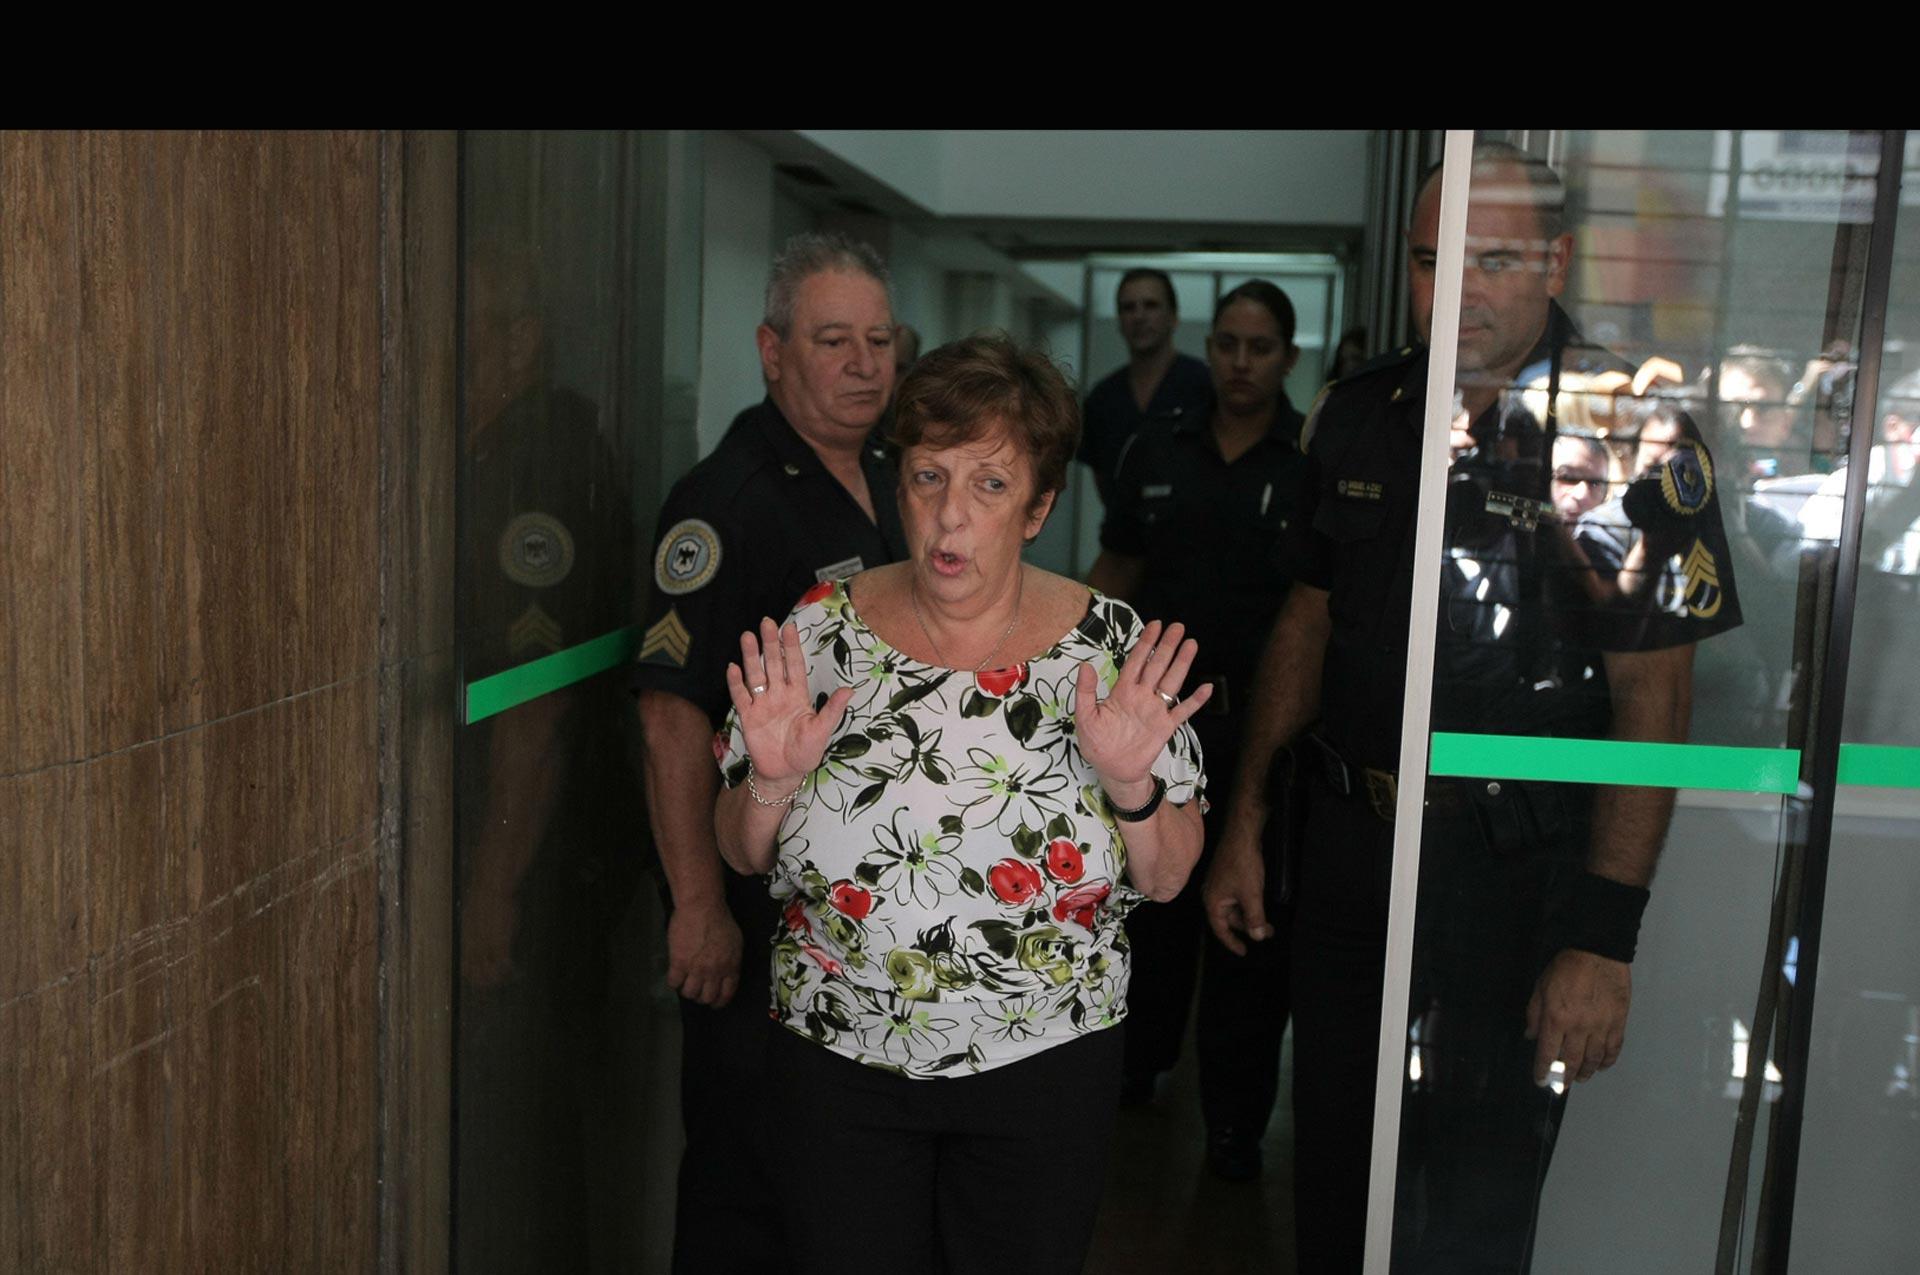 La jueza a cargo de la investigación del muerte del fiscal argentino, decidió sacar a la fiscal Viviana Fein y asumir el caso